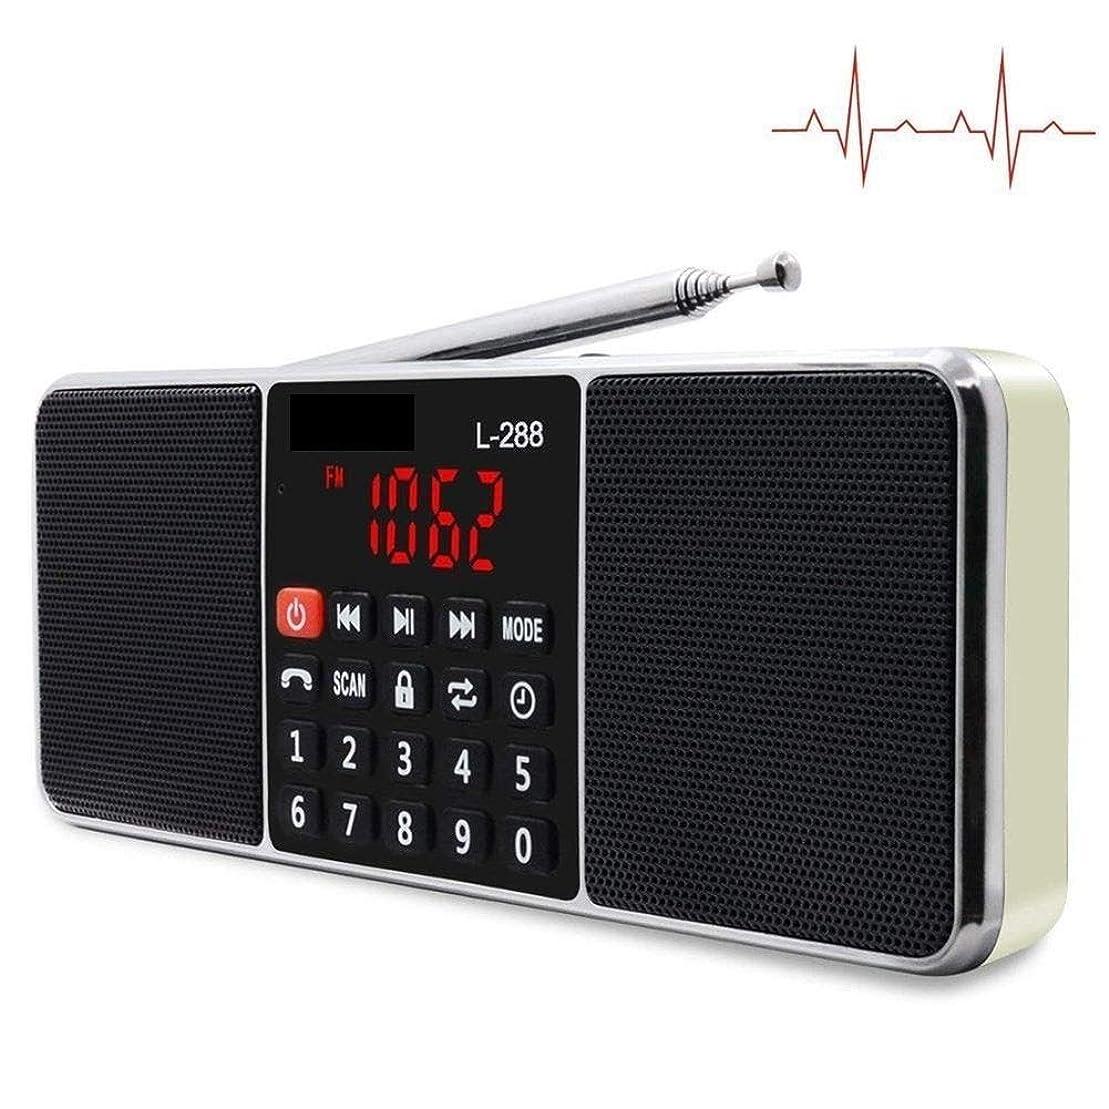 シリングディスコダッシュポータブルAM FMラジオステレオレシーバーBluetoothワイヤレススピーカーサポートTF SDカードUSBディスクMP3 LEDディスプレイハンズフリー (Color : Golden)